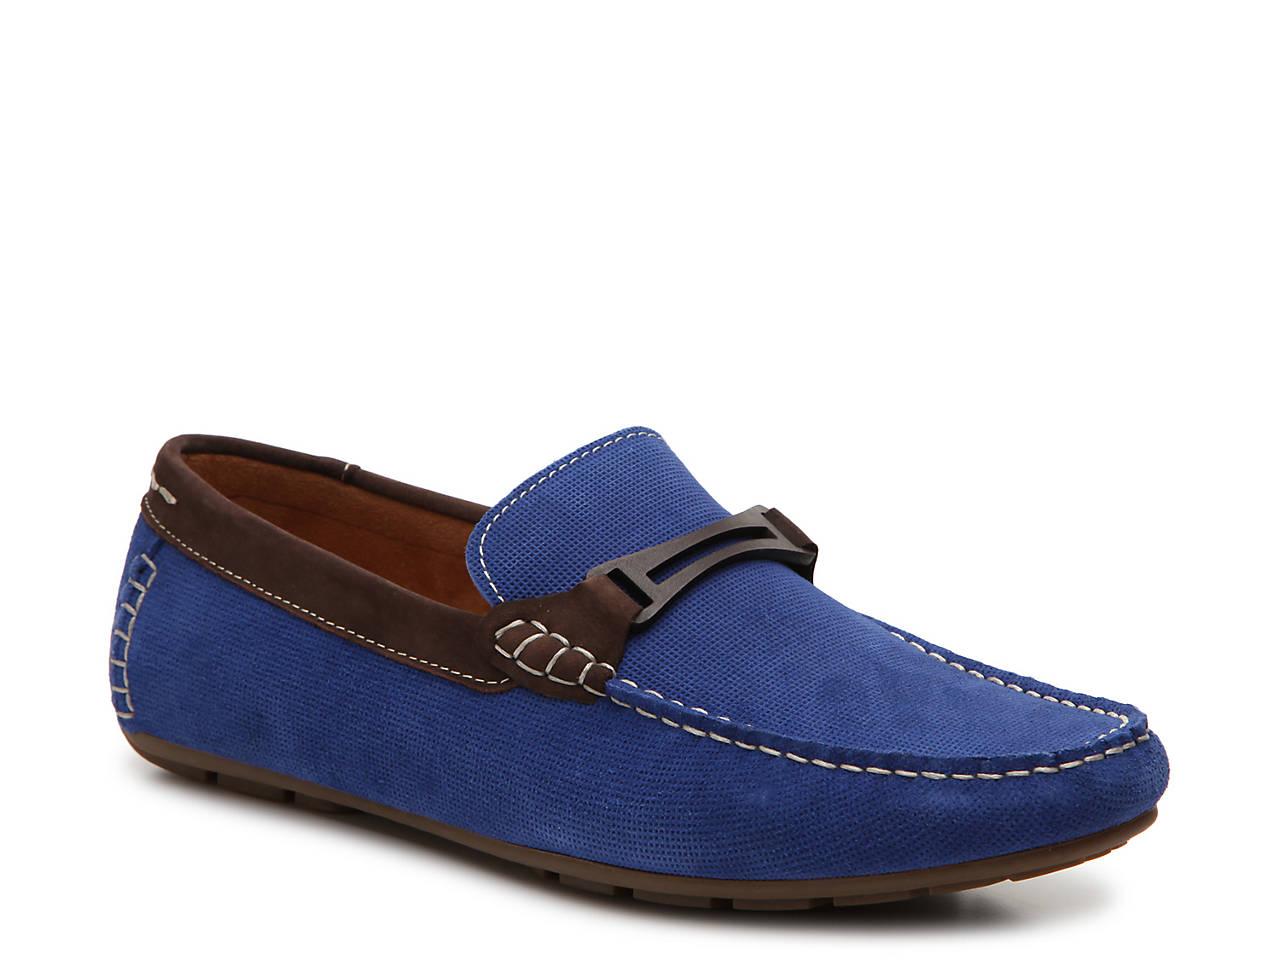 9394d1b1474 Steve Madden Garland Loafer Men s Shoes